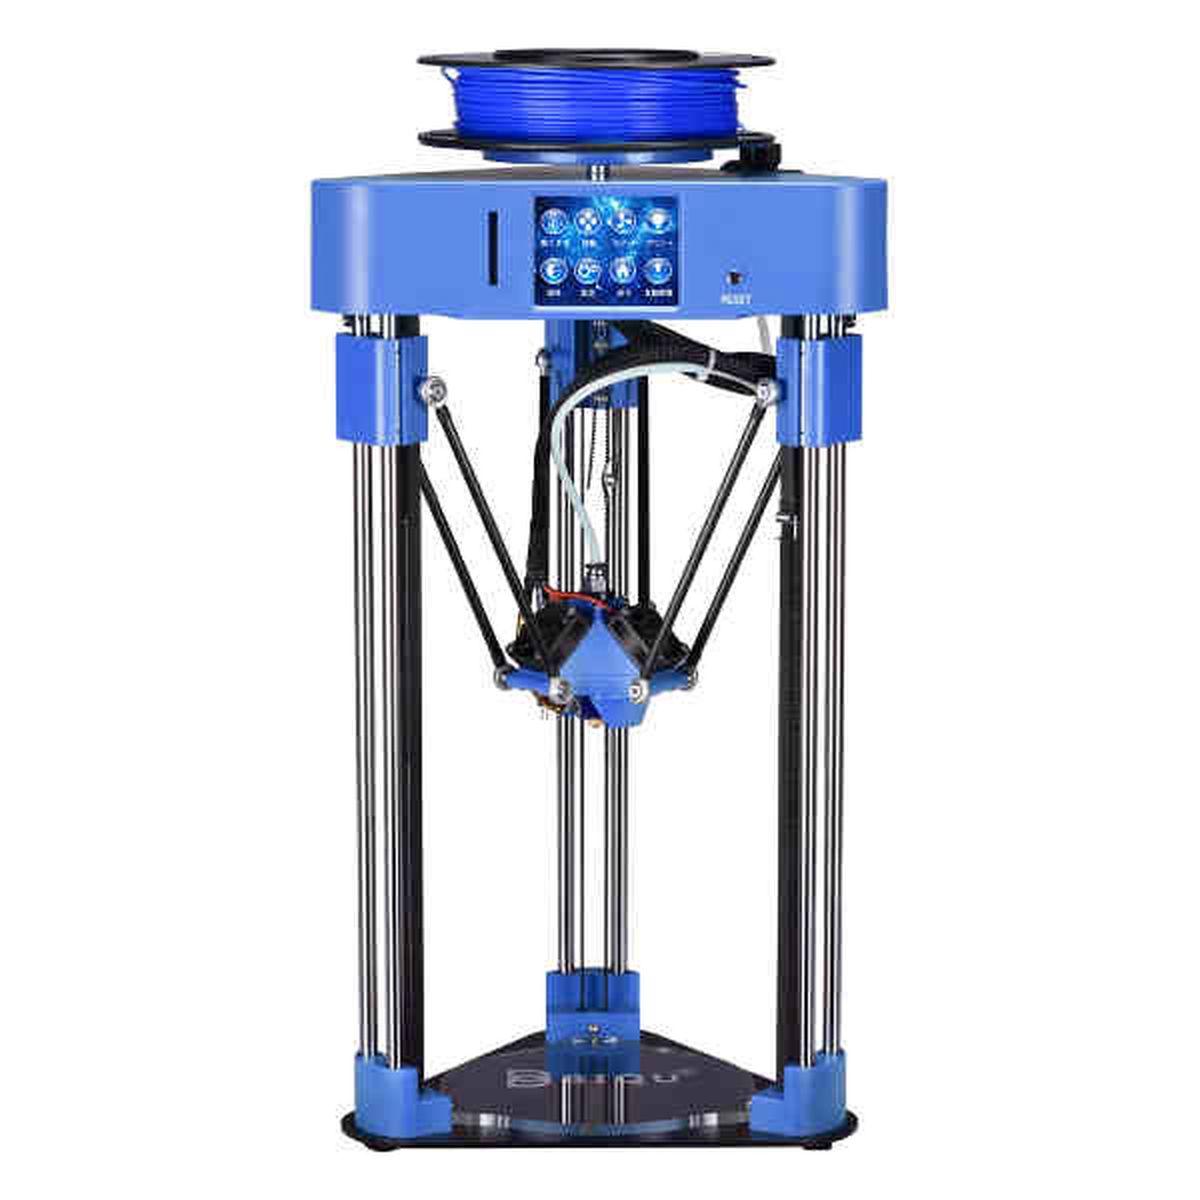 La Biqu Magican fait partie imprimantes 3D à moins de 150 euros